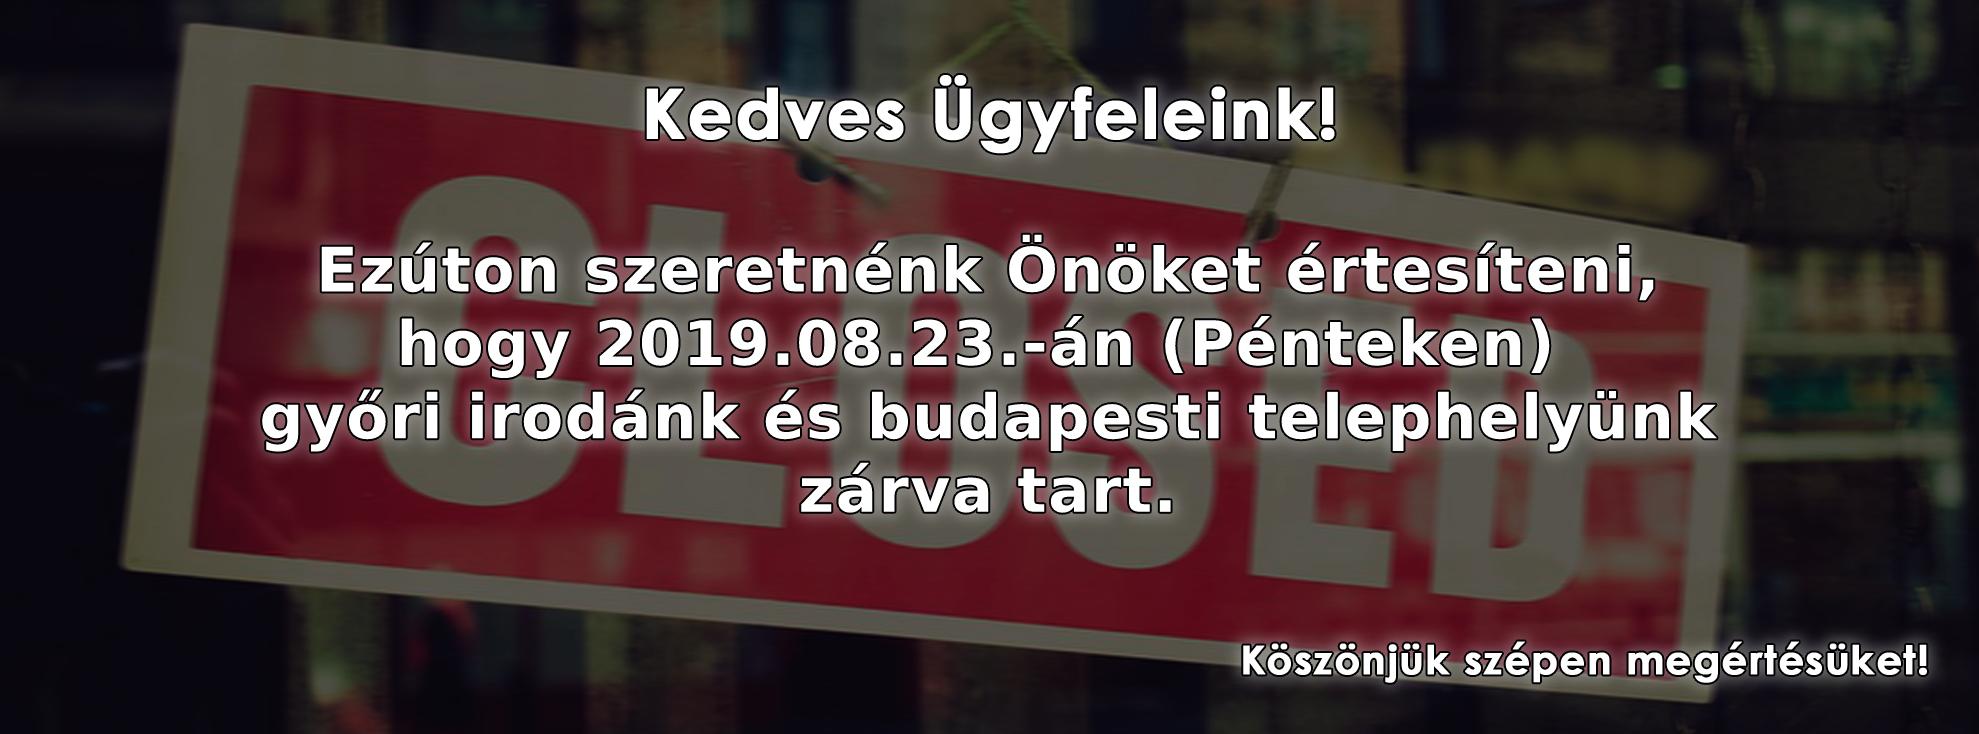 2019.08.23. Zárva tartás!